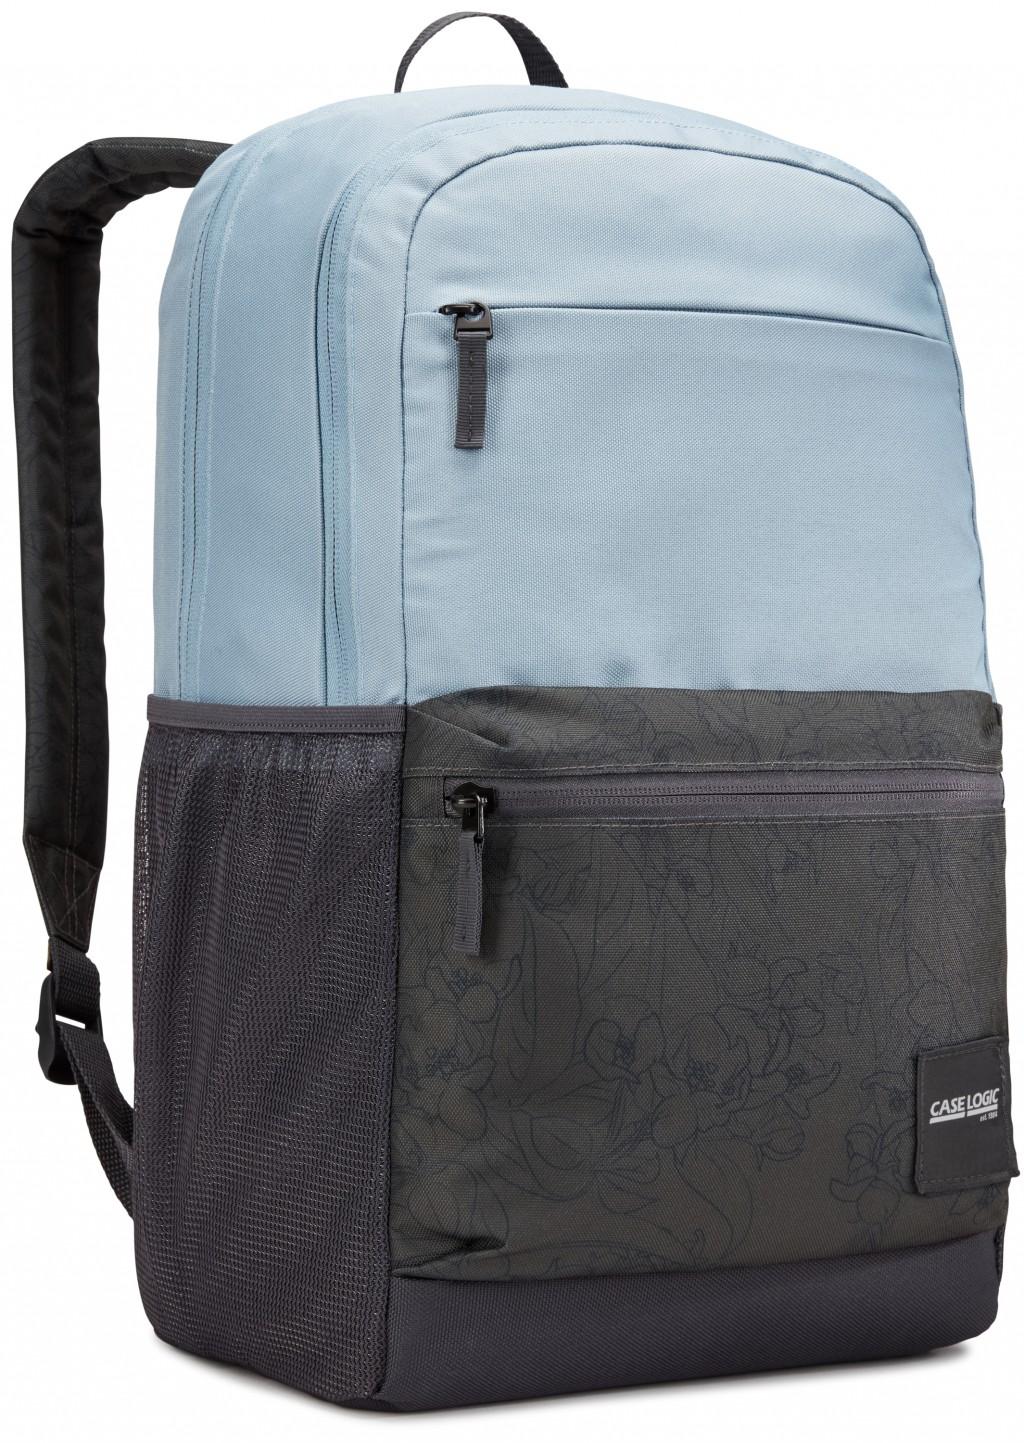 """Case Logic Uplink CCAM-3116 Fits up to size 15.6 """", Blue/Grey, 26 L, Shoulder strap, Backpack"""